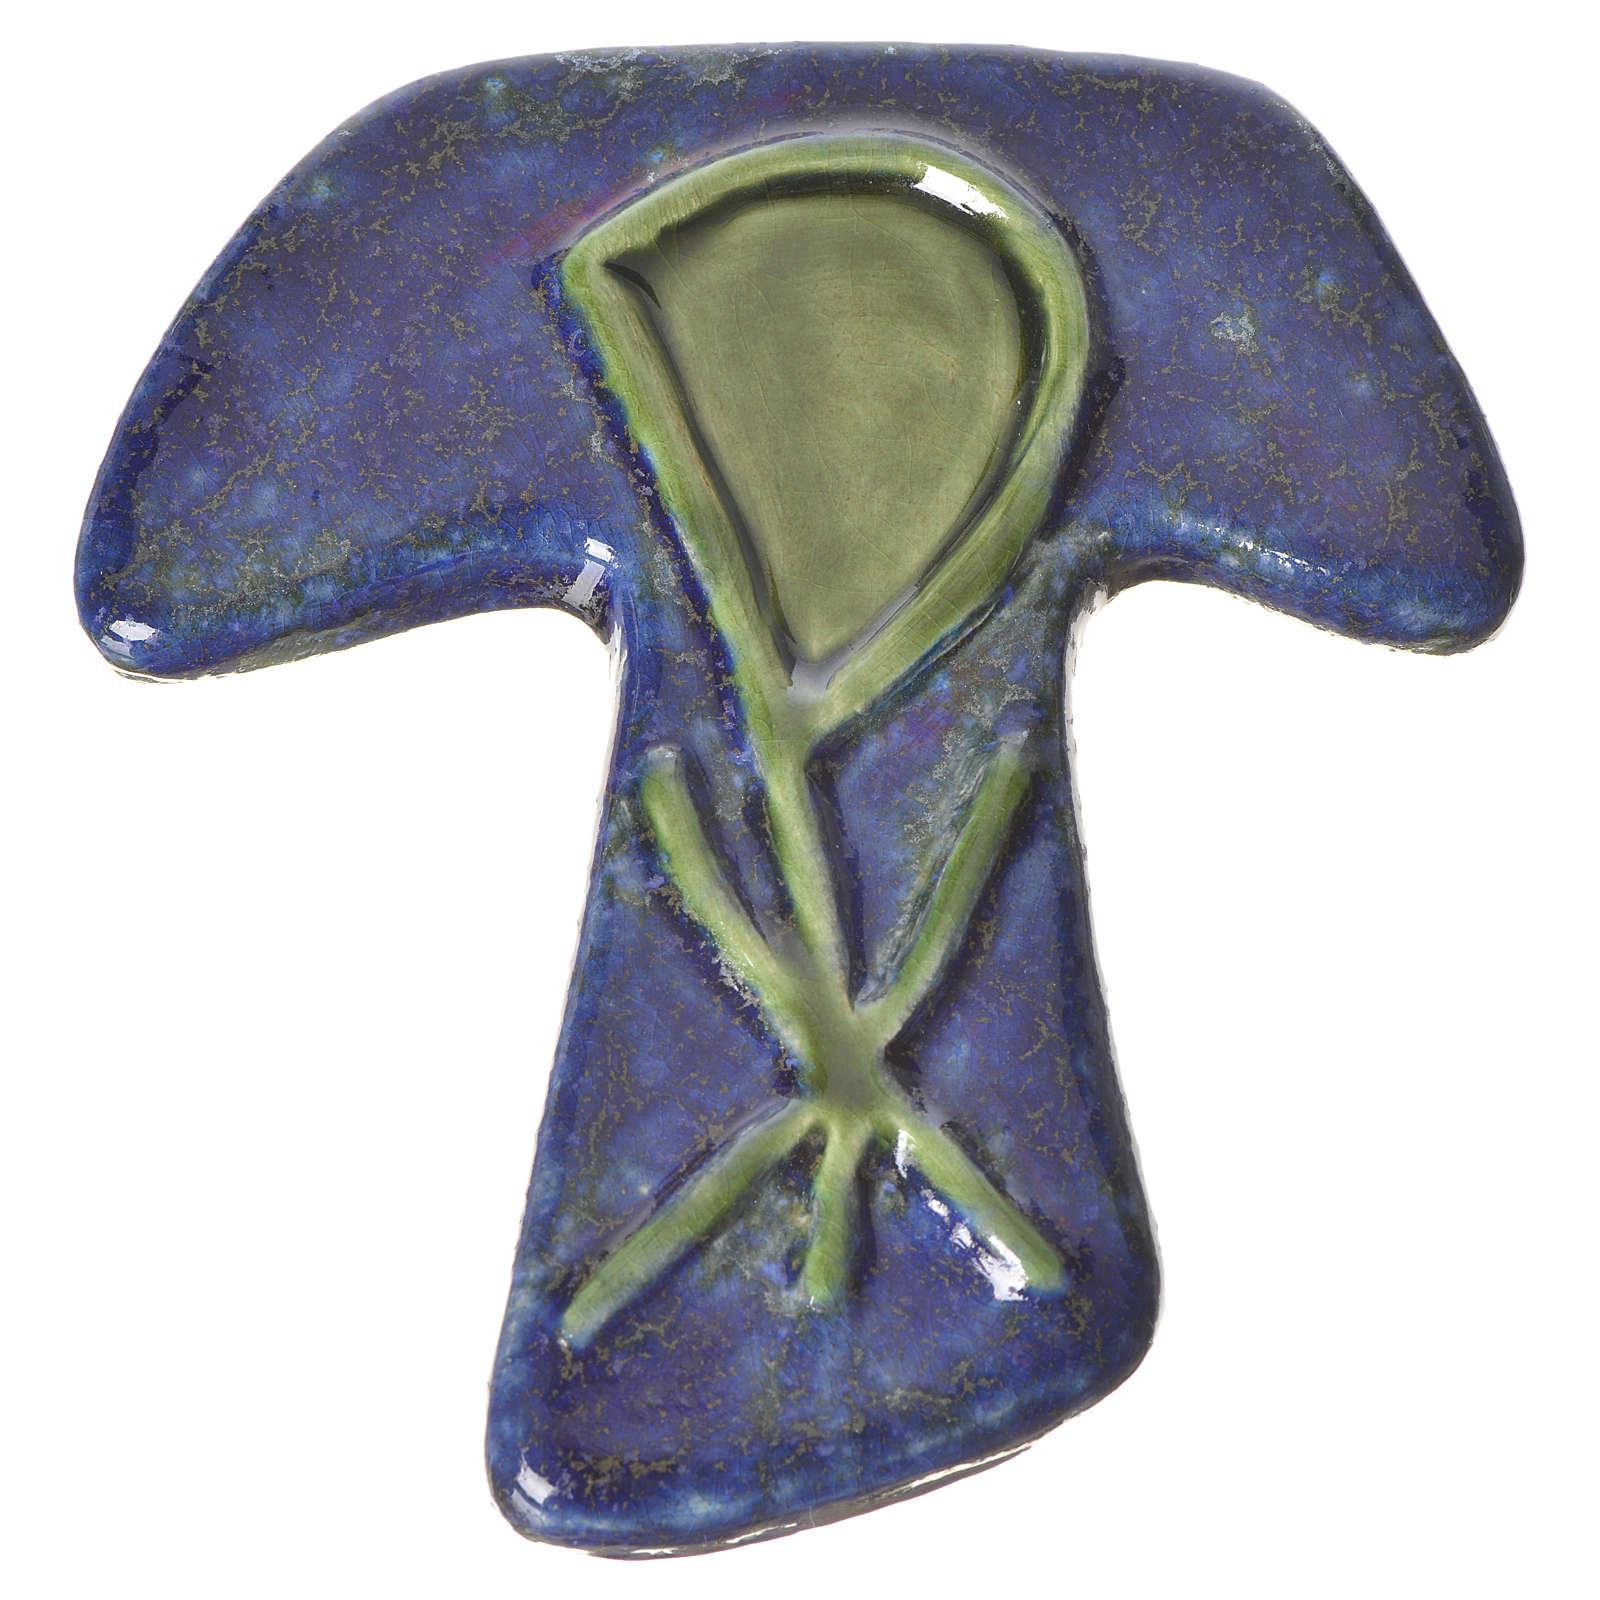 Croce tau ceramica XP blu verde 4